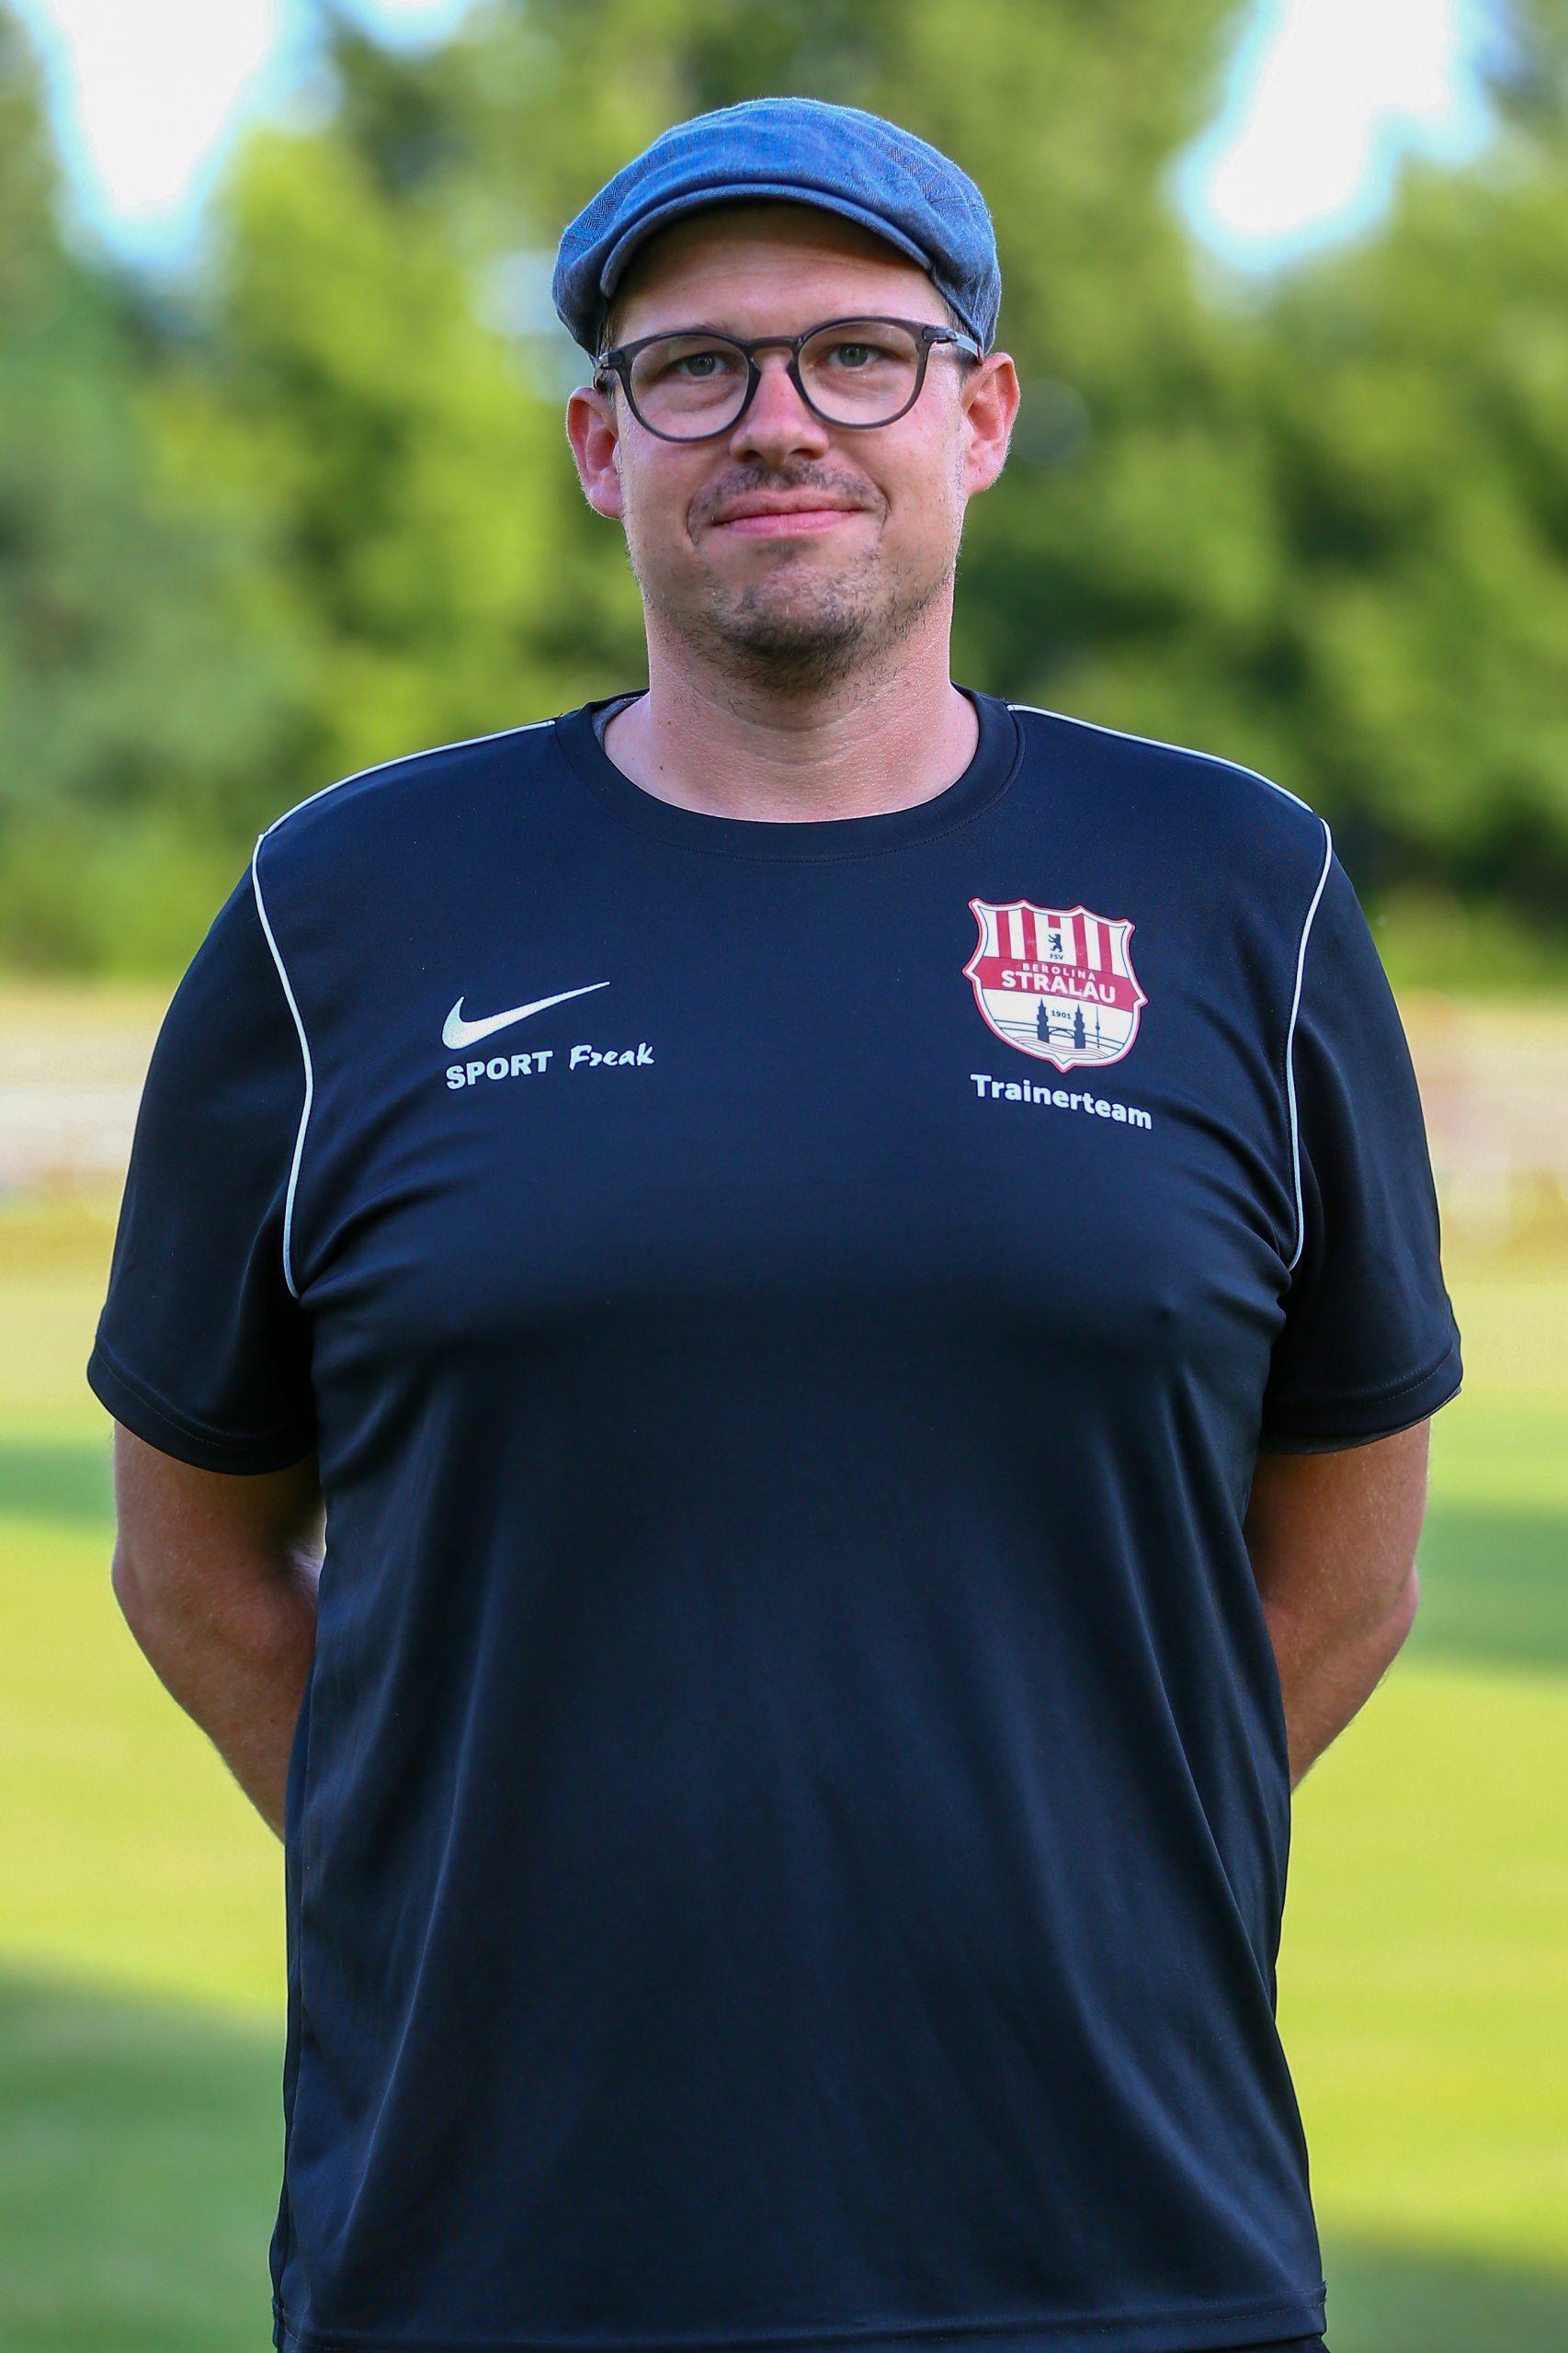 Tim Josten